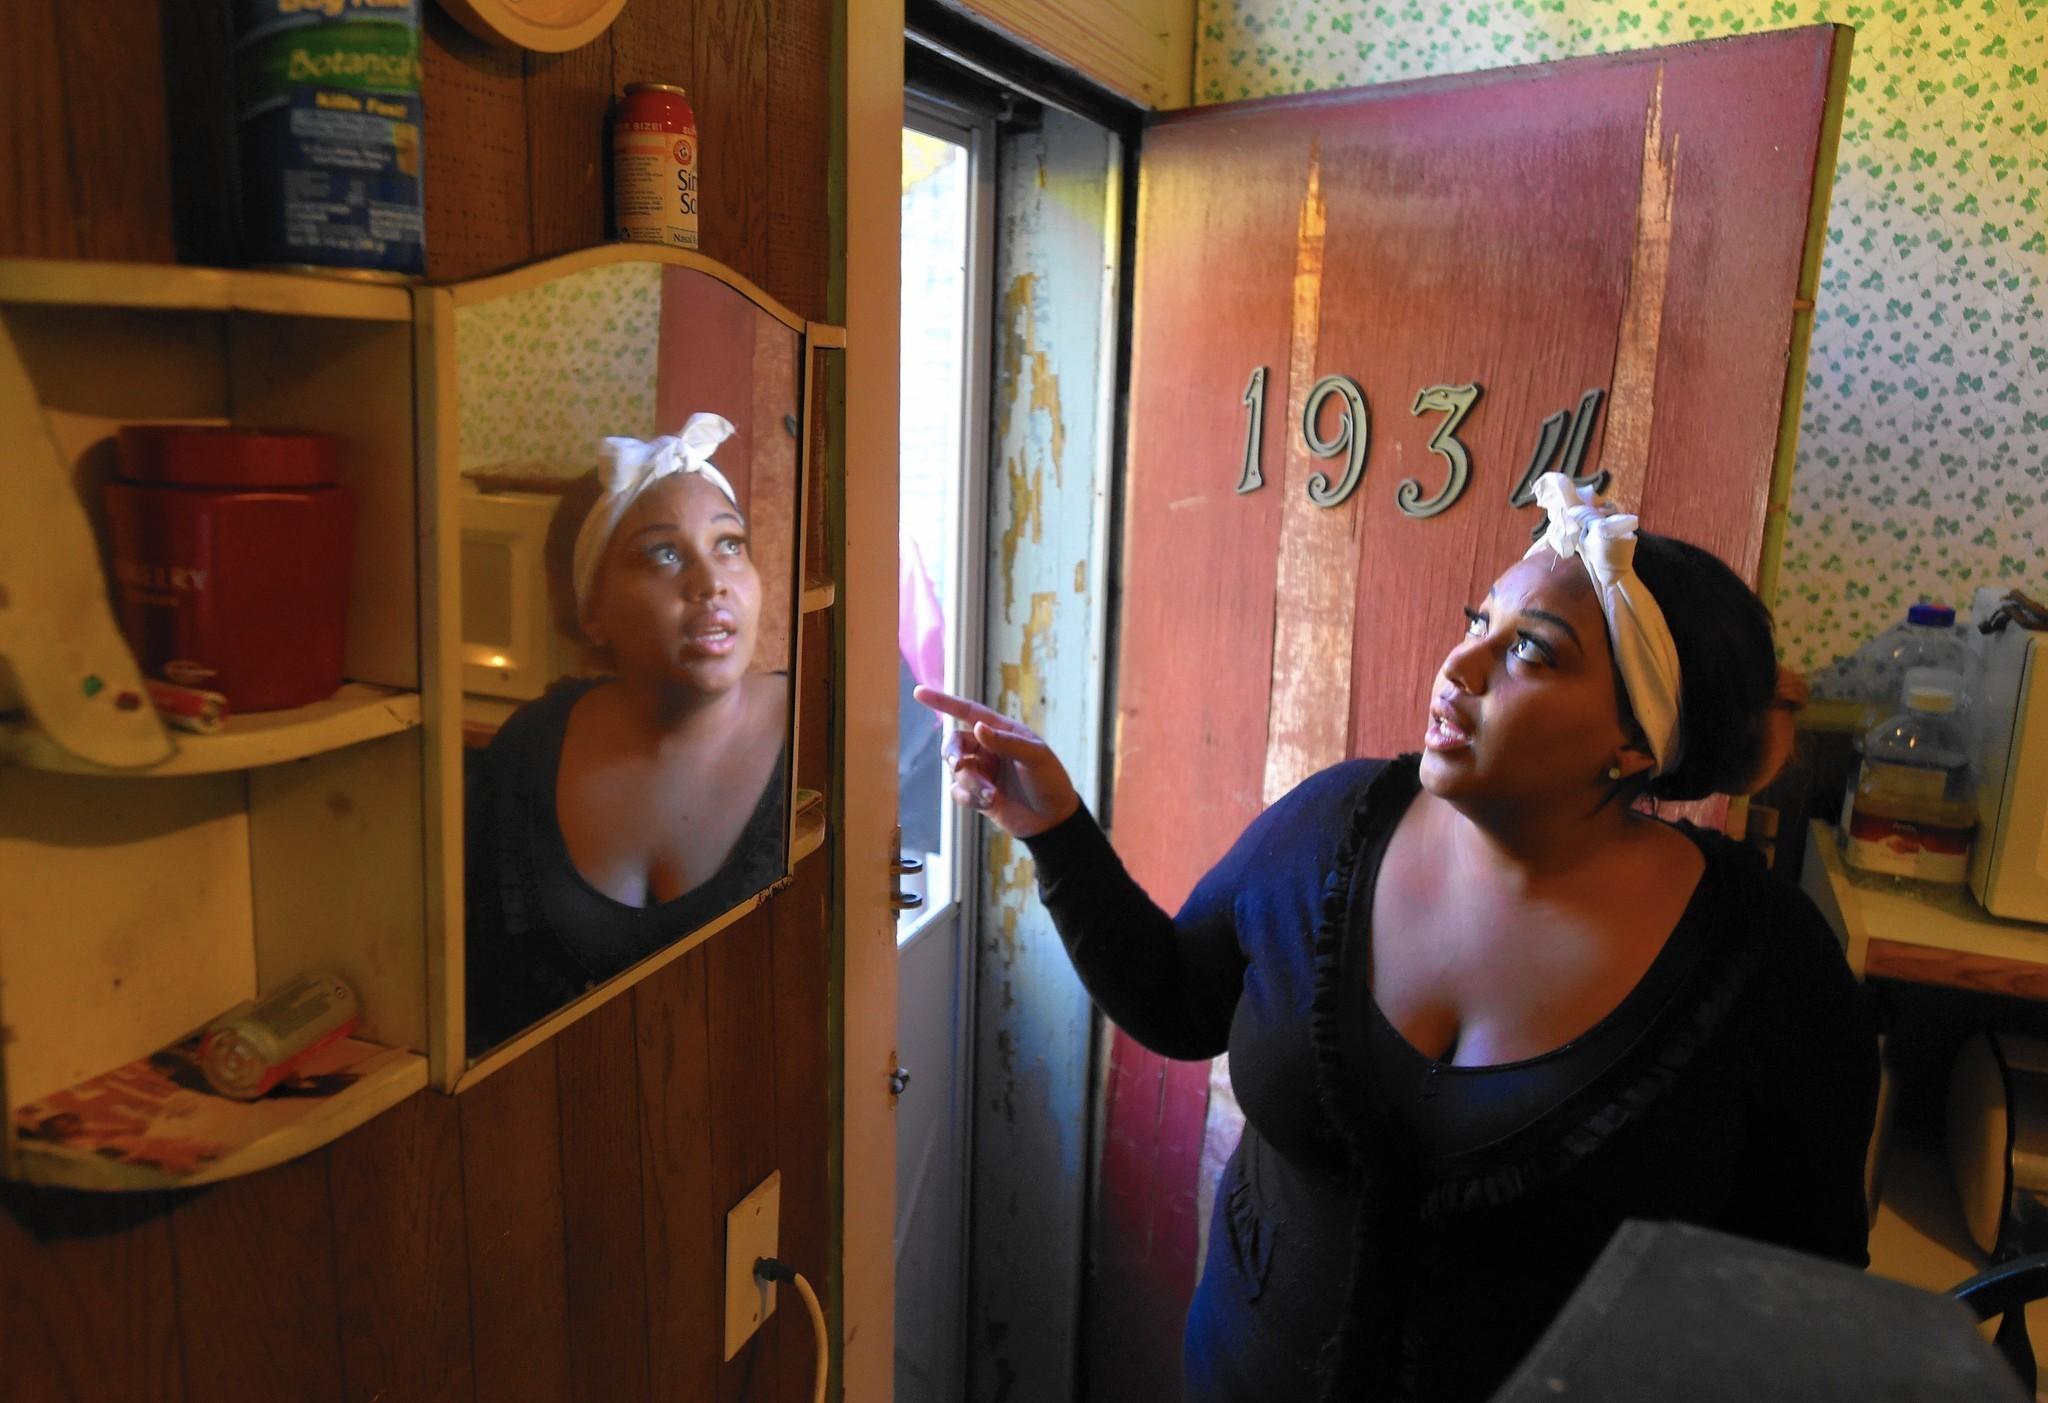 Lead paint Despite progress hundreds of Maryland children still poisoned  Baltimore Sun